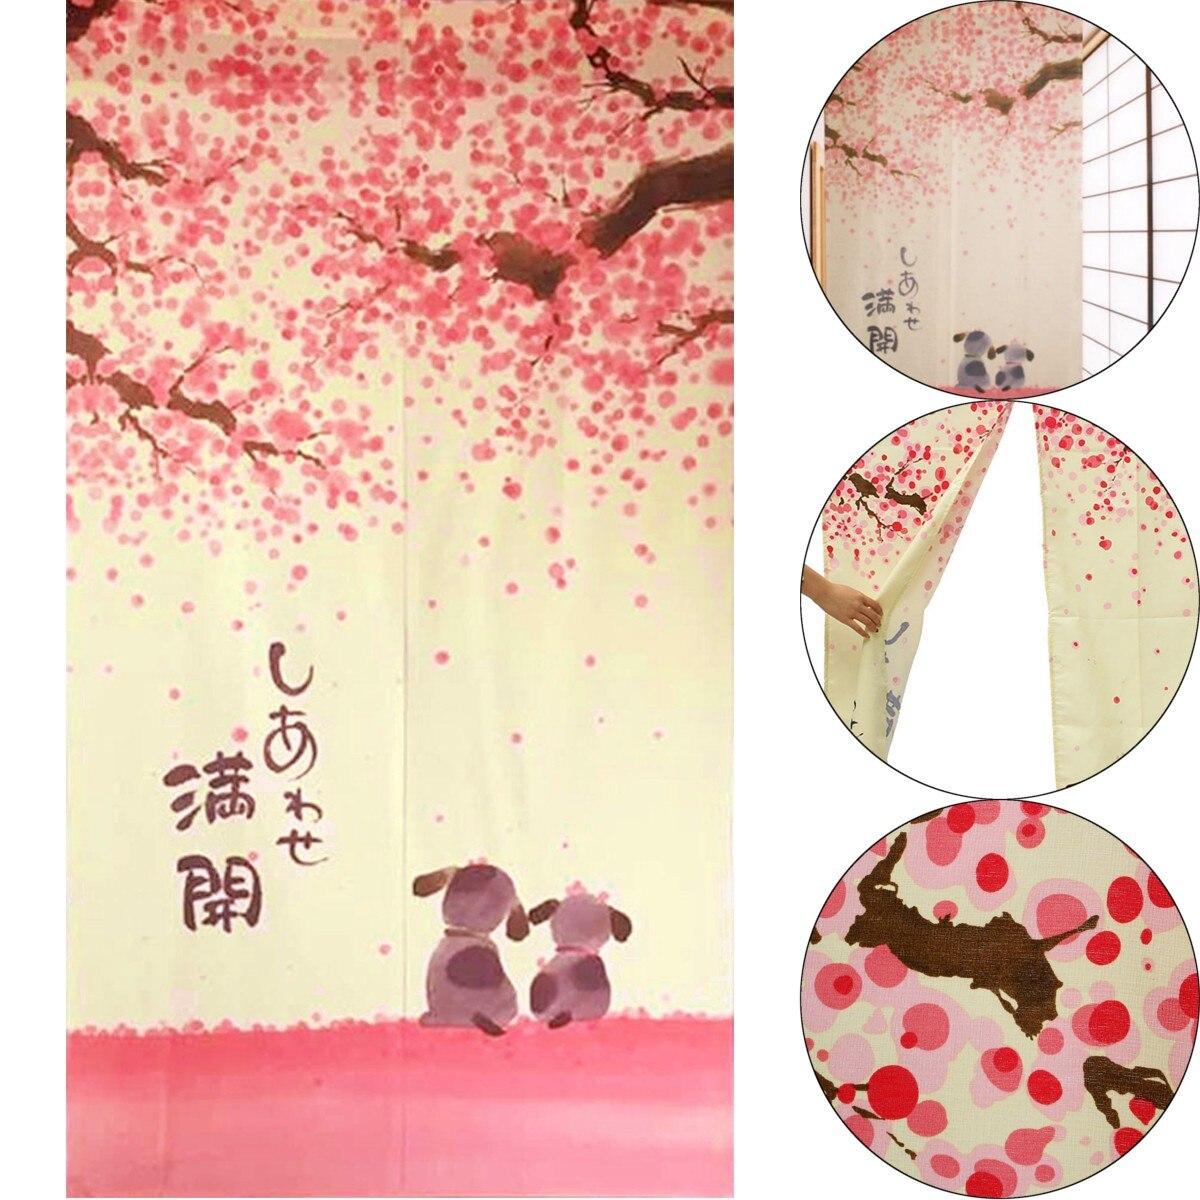 Rideau de porte décoratif motif fleur romantique   85x150cm rideau de porte décoratif cerisier et petit chien japonais Noren